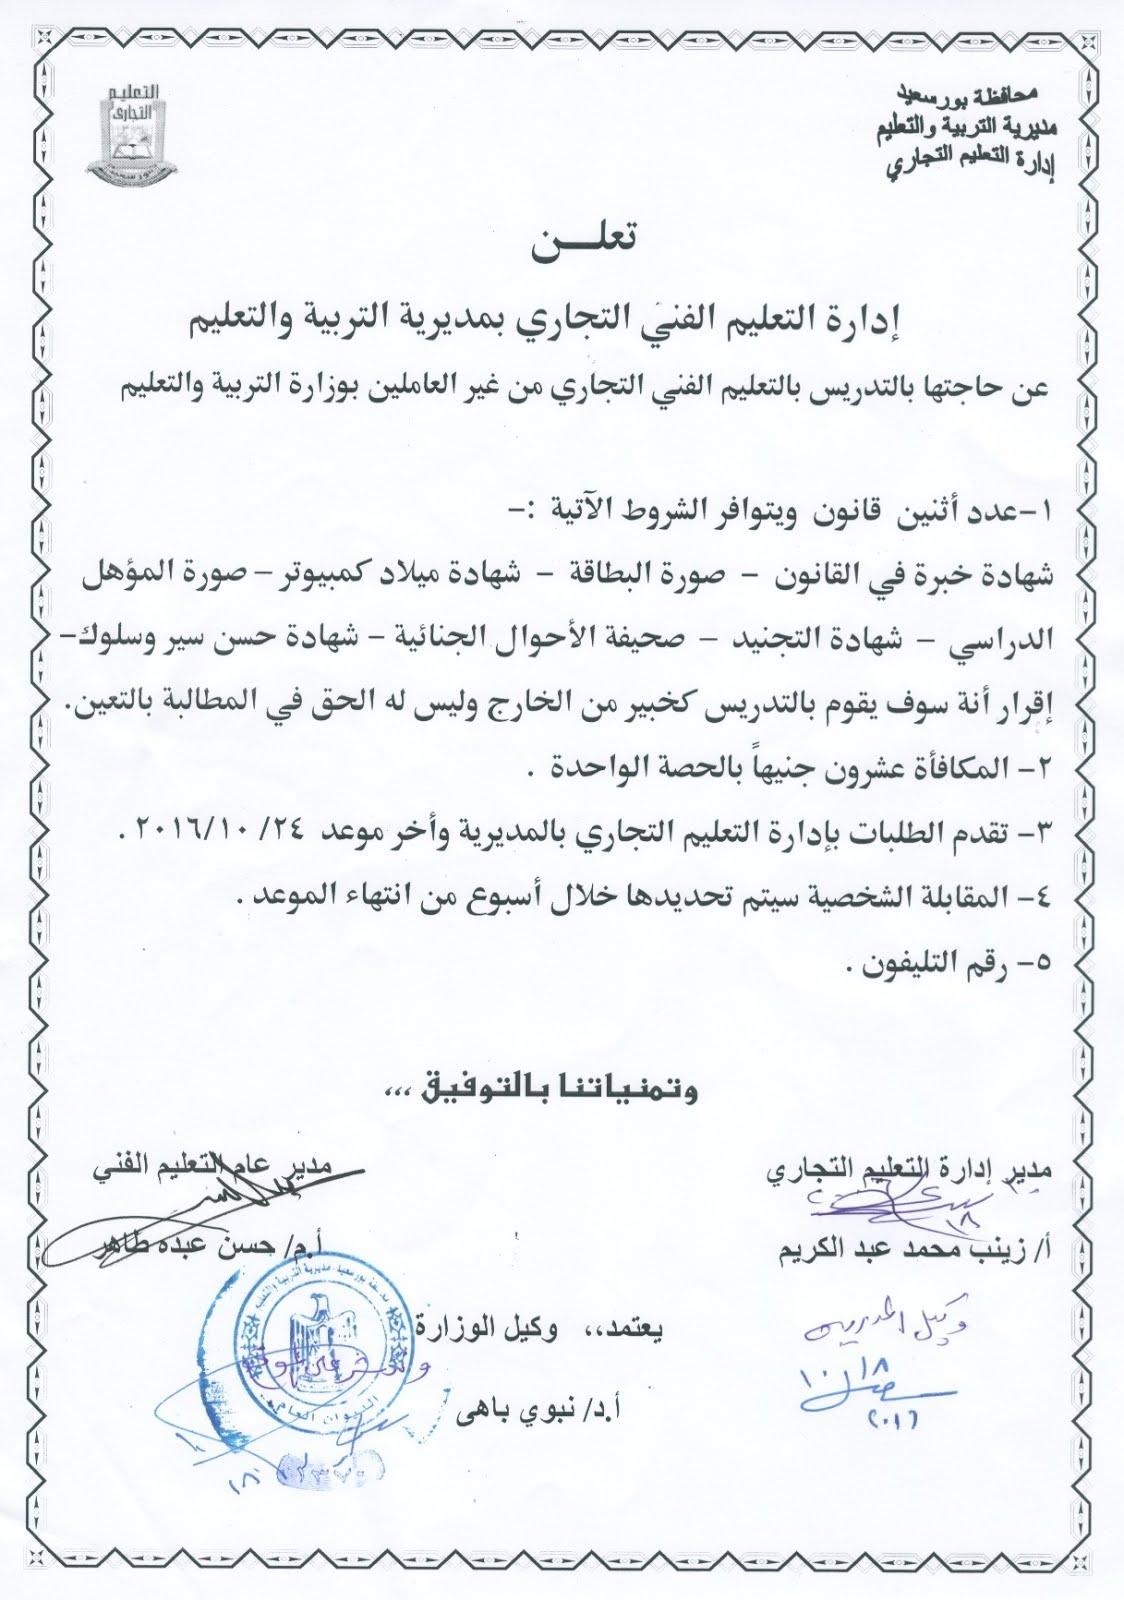 وظائف مديرية التربية والتعليم بمحافظة بورسعيد - إدارة التعليم الفنى